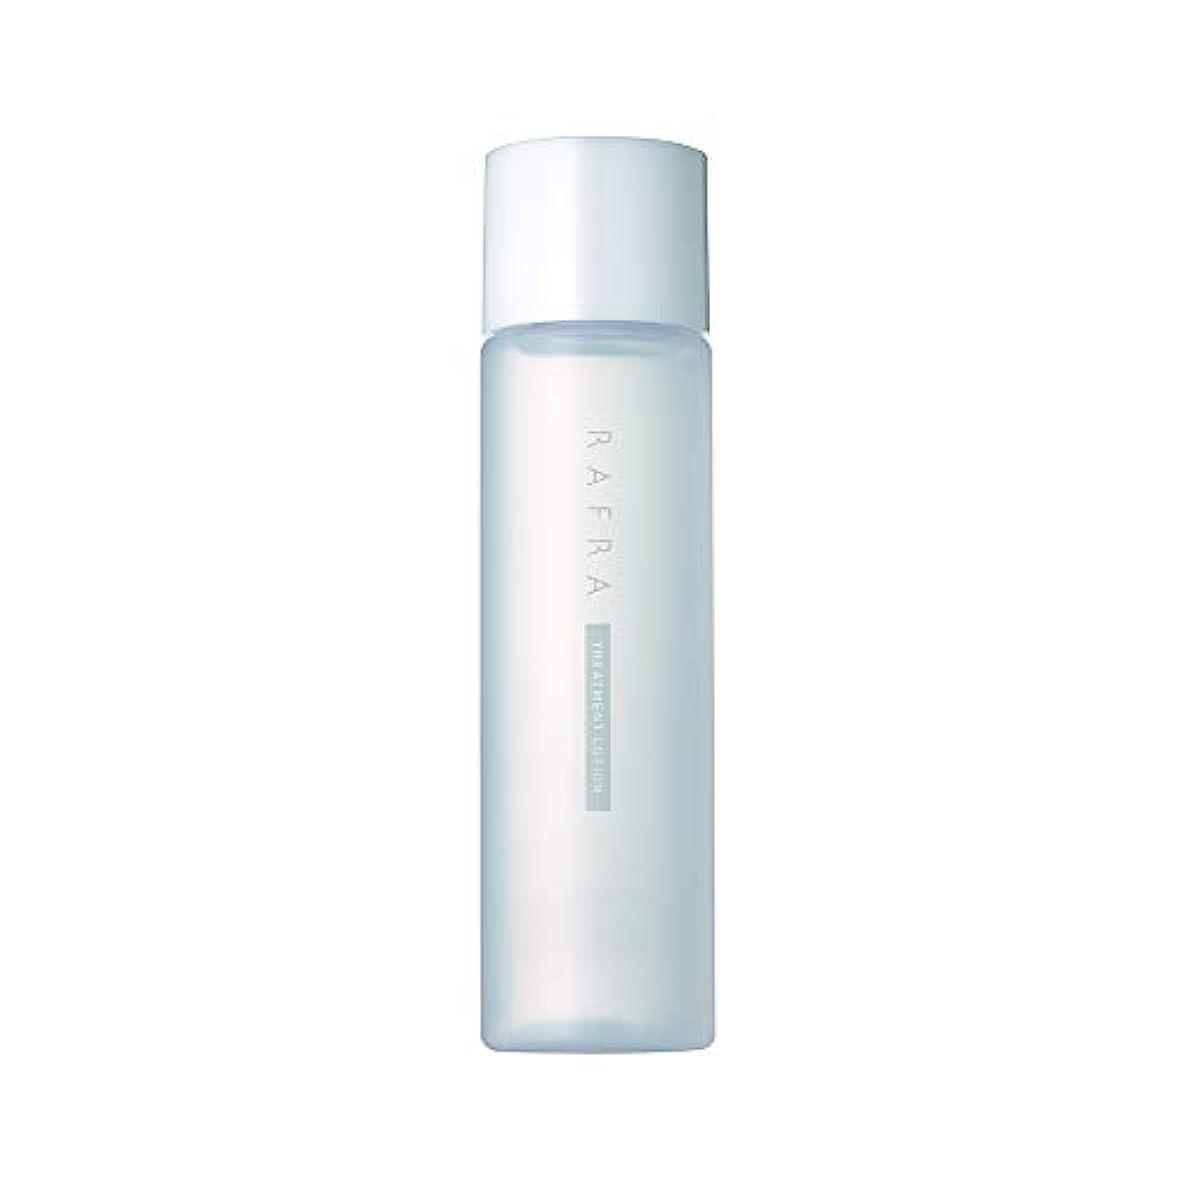 予知平野メディアラフラ トリートメントローション 150ml 化粧水 ブースター 導入液